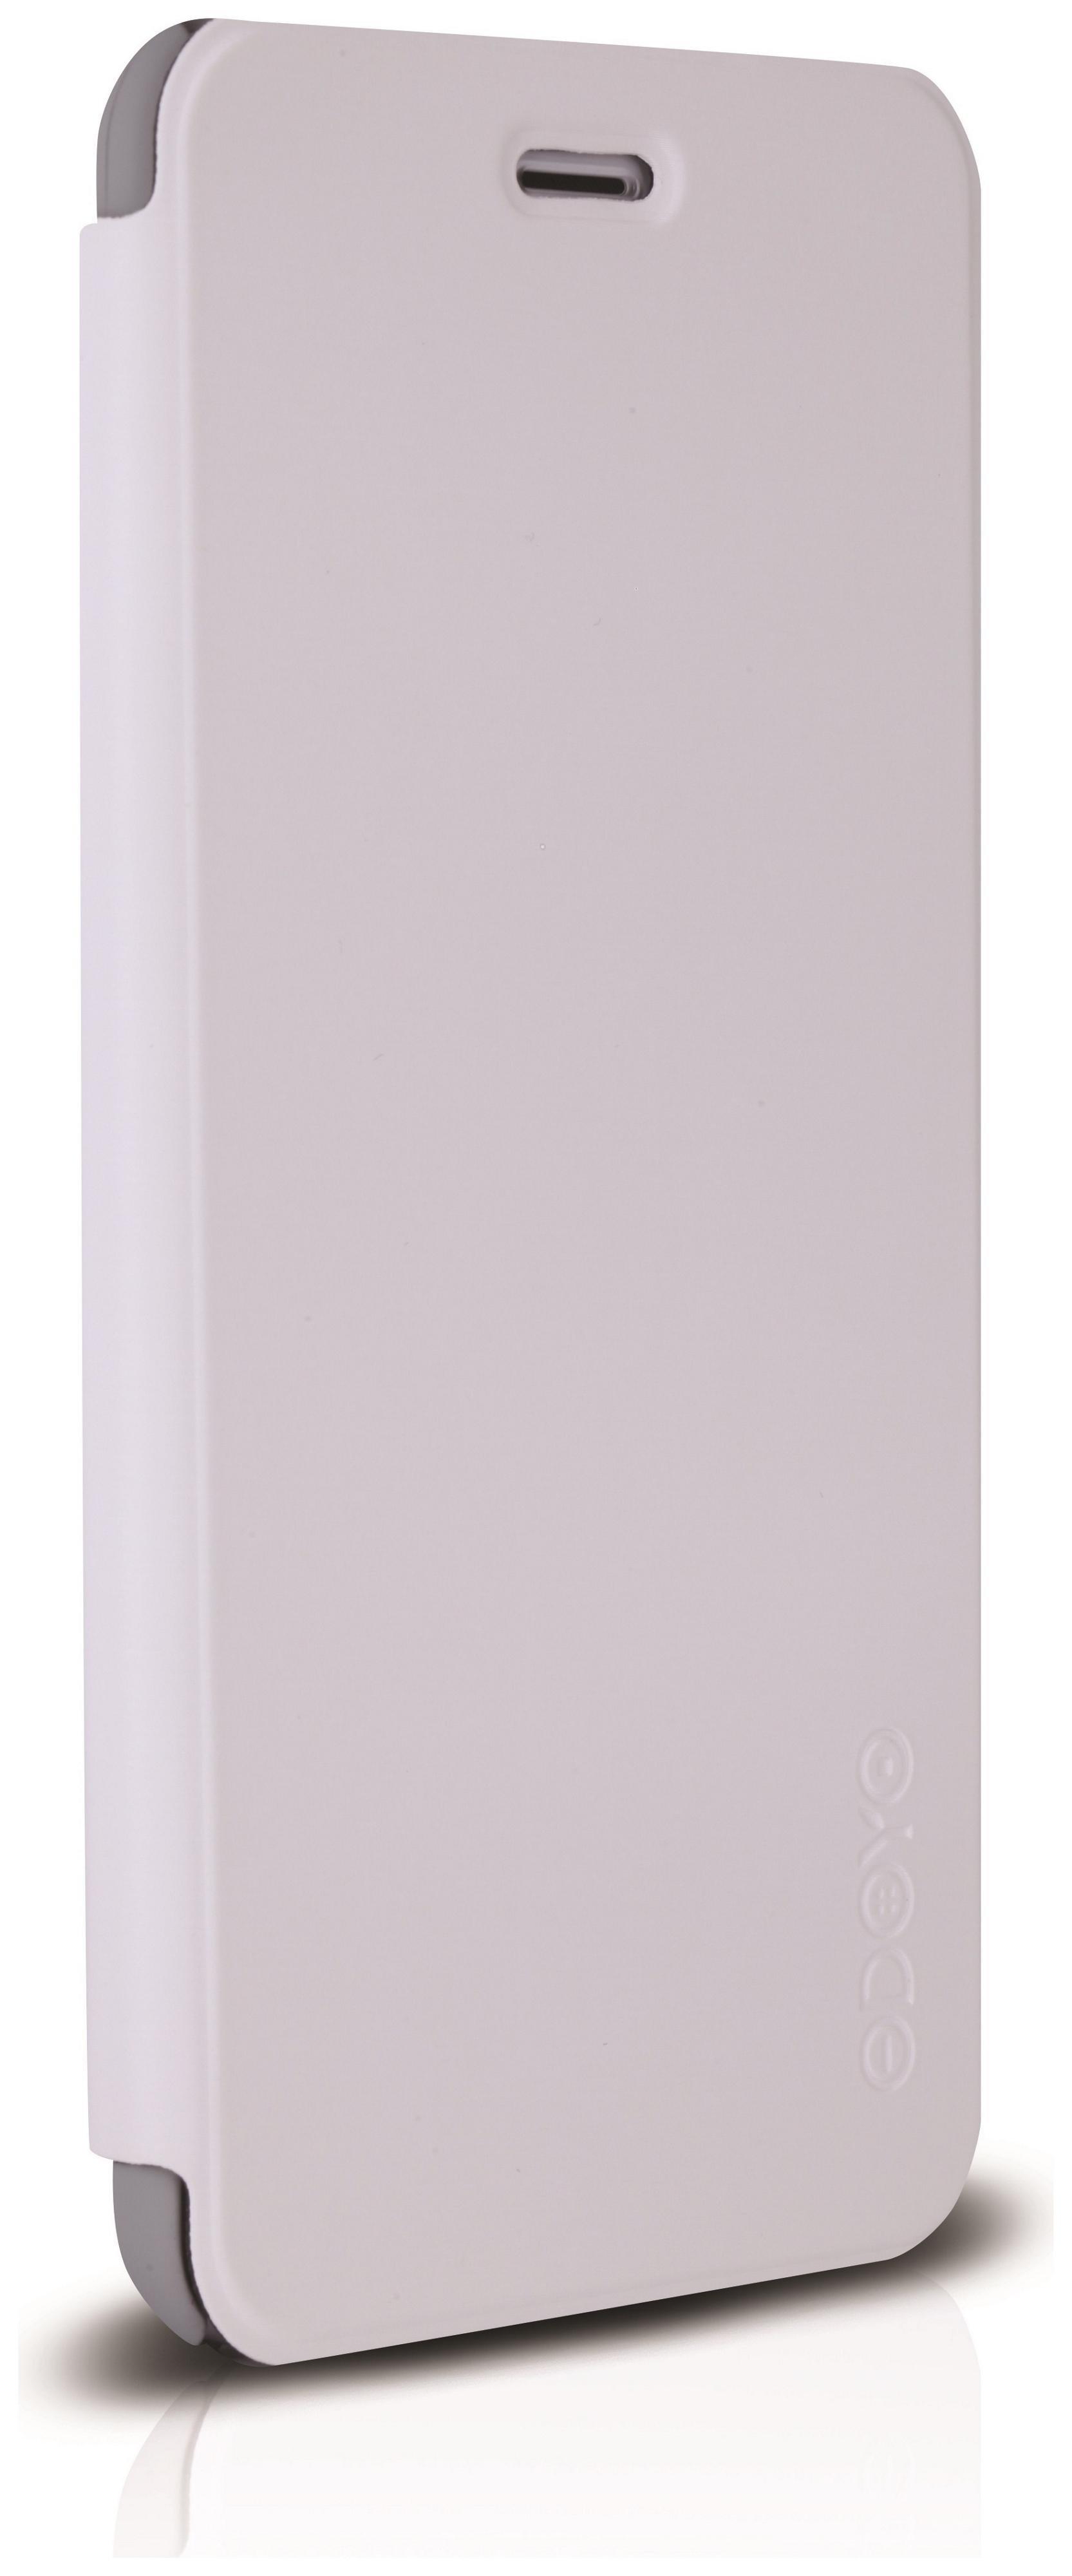 Odoyo Odoyo Nano Folio Premium Case for iPhone 6 Plus - White